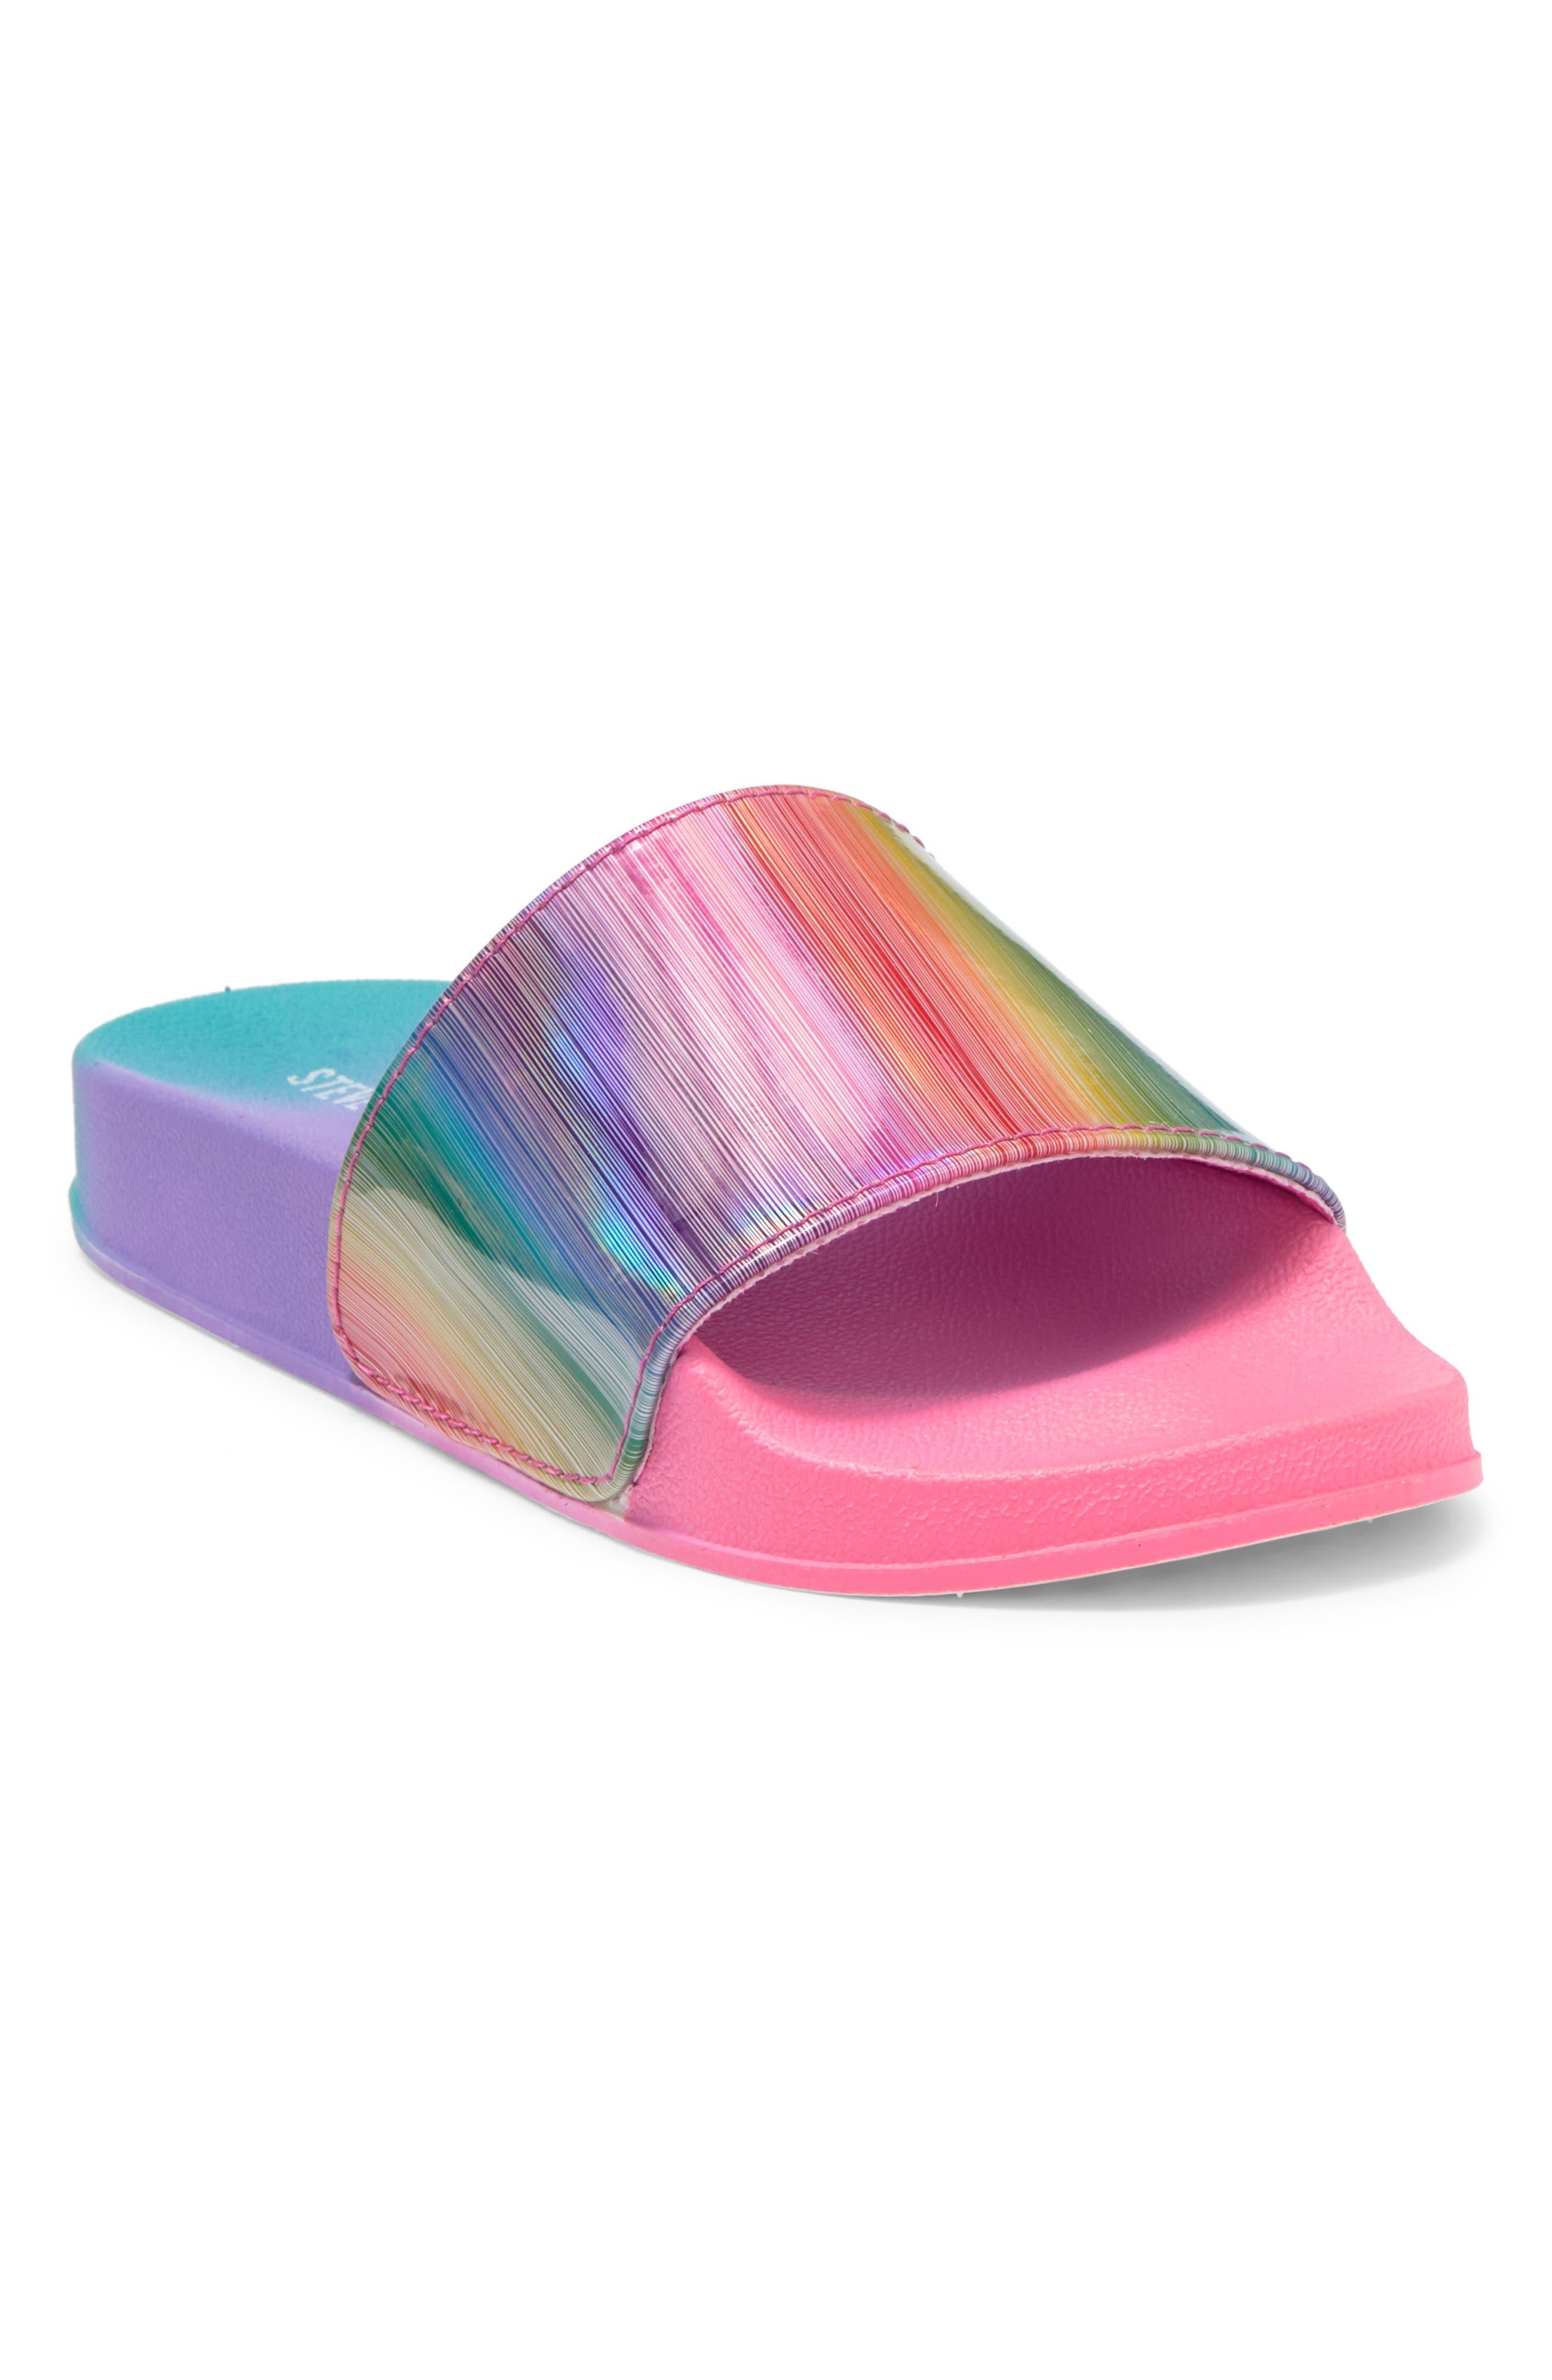 Steve Madden Kids' Flipped Rainbow Slide Sandal In Open Purple32